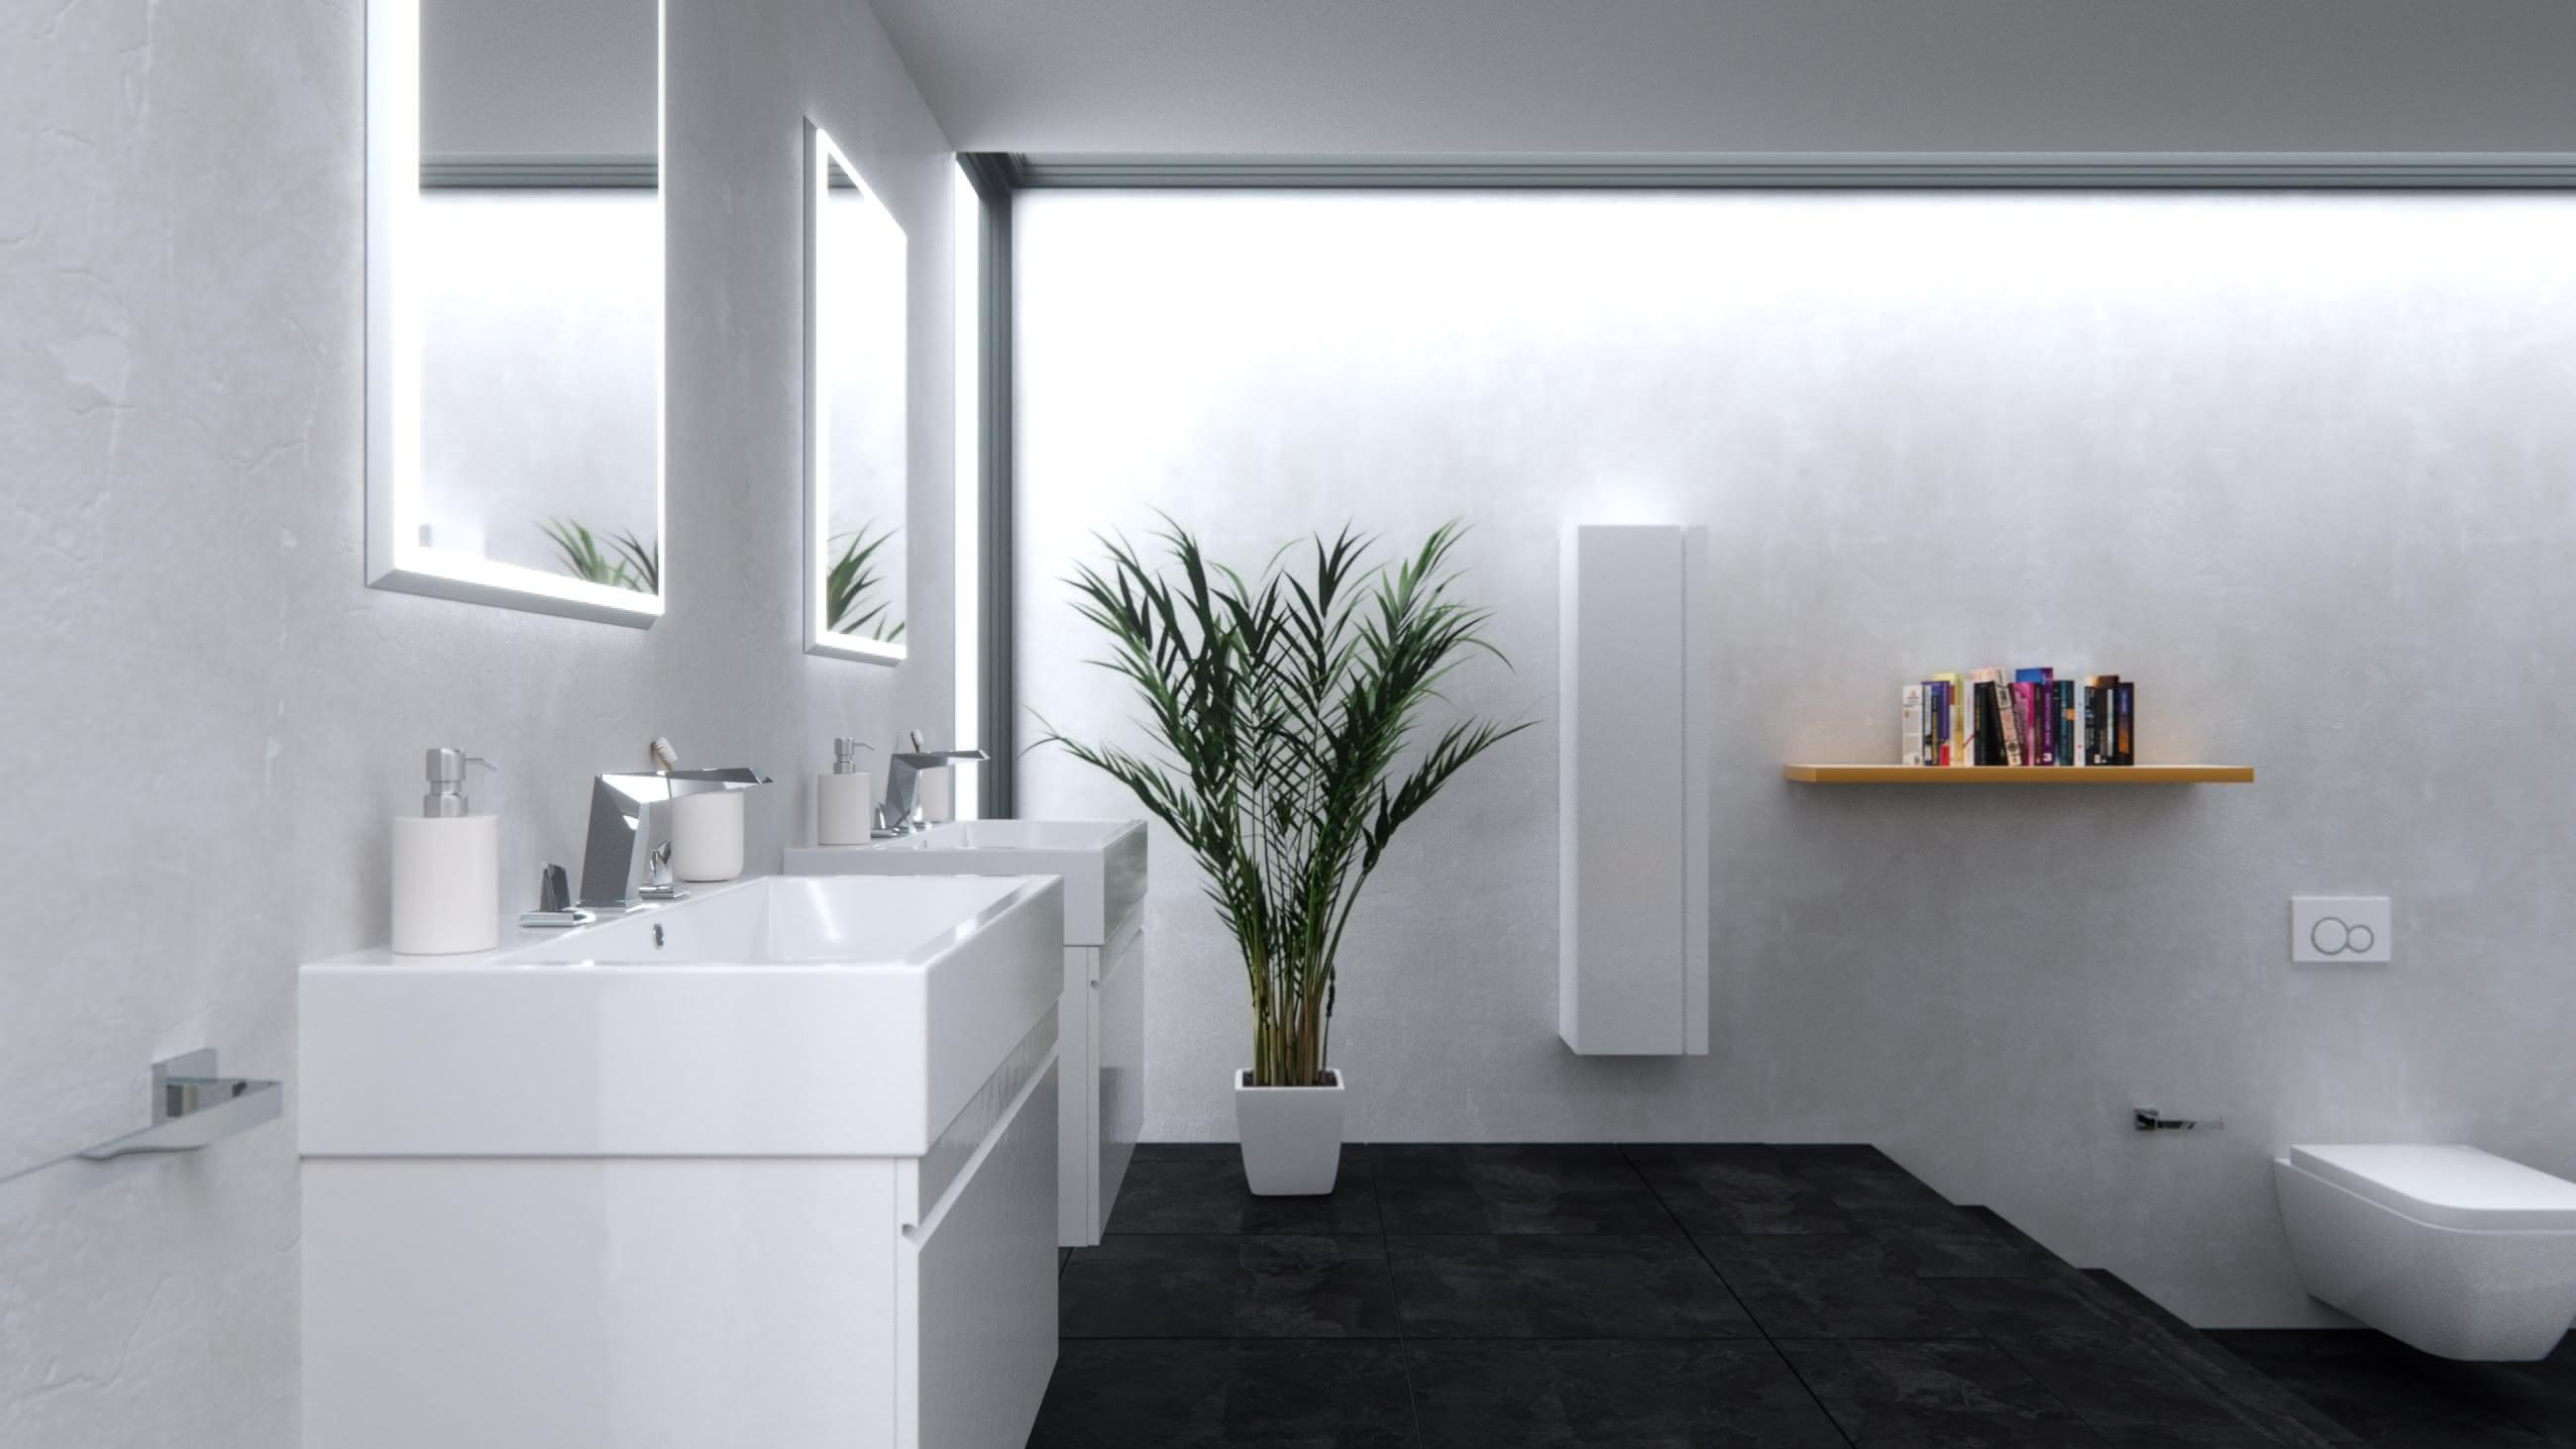 BathroomsByDesign - Blog - Design Tips